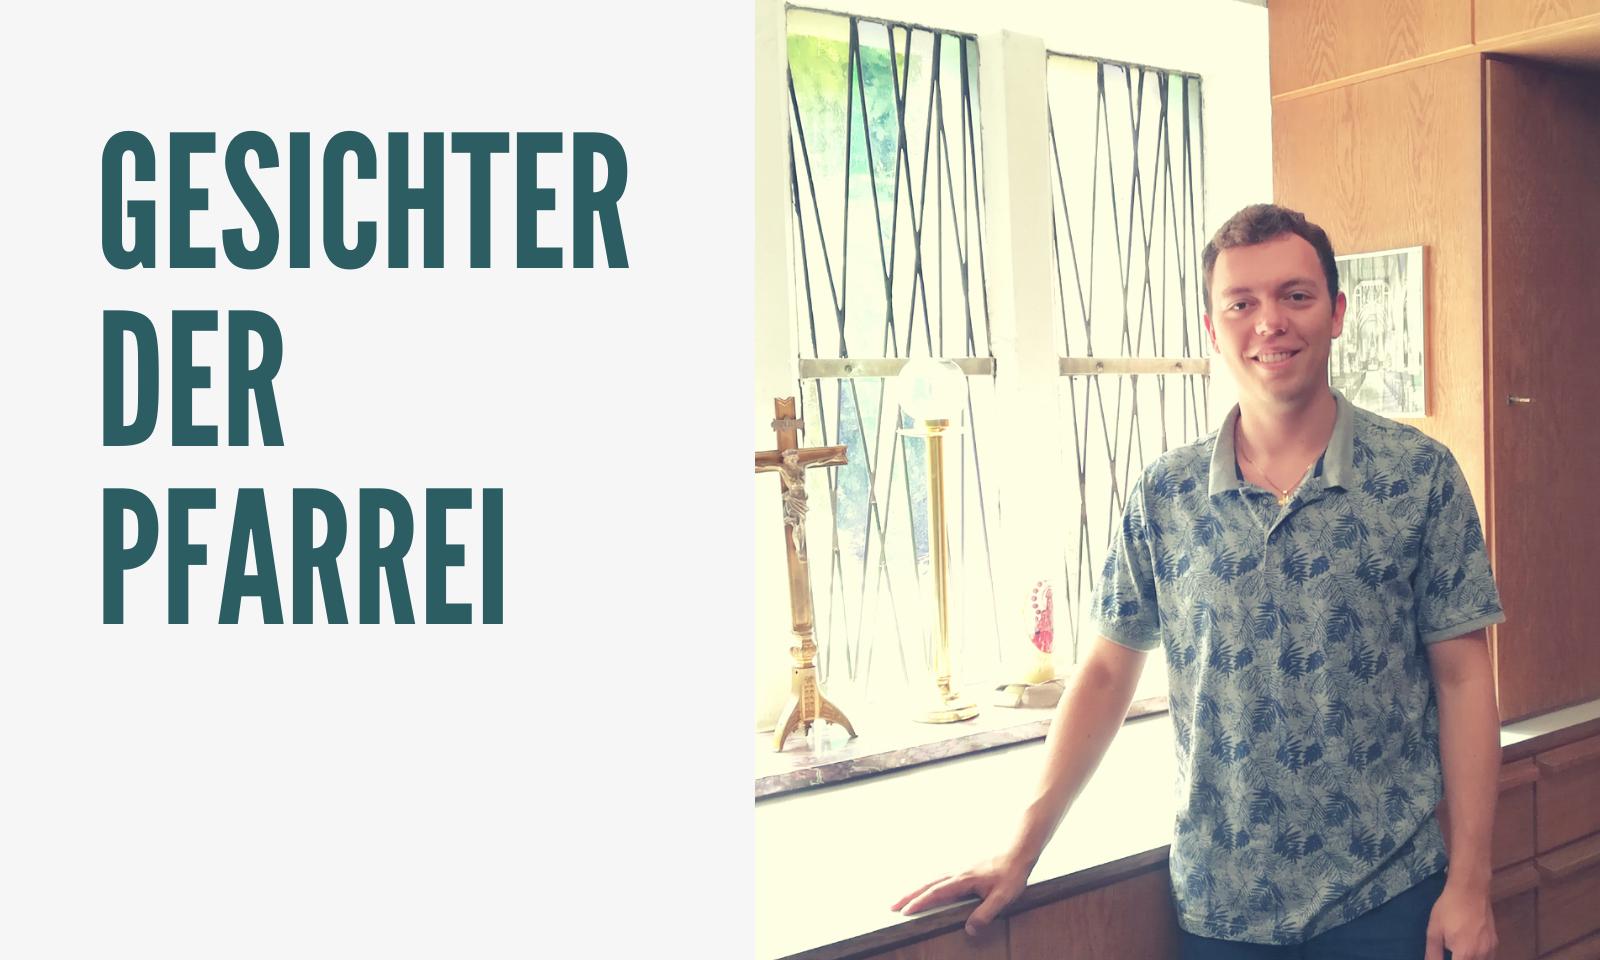 2019 09 Gesichter der Pfarrei Entholzner